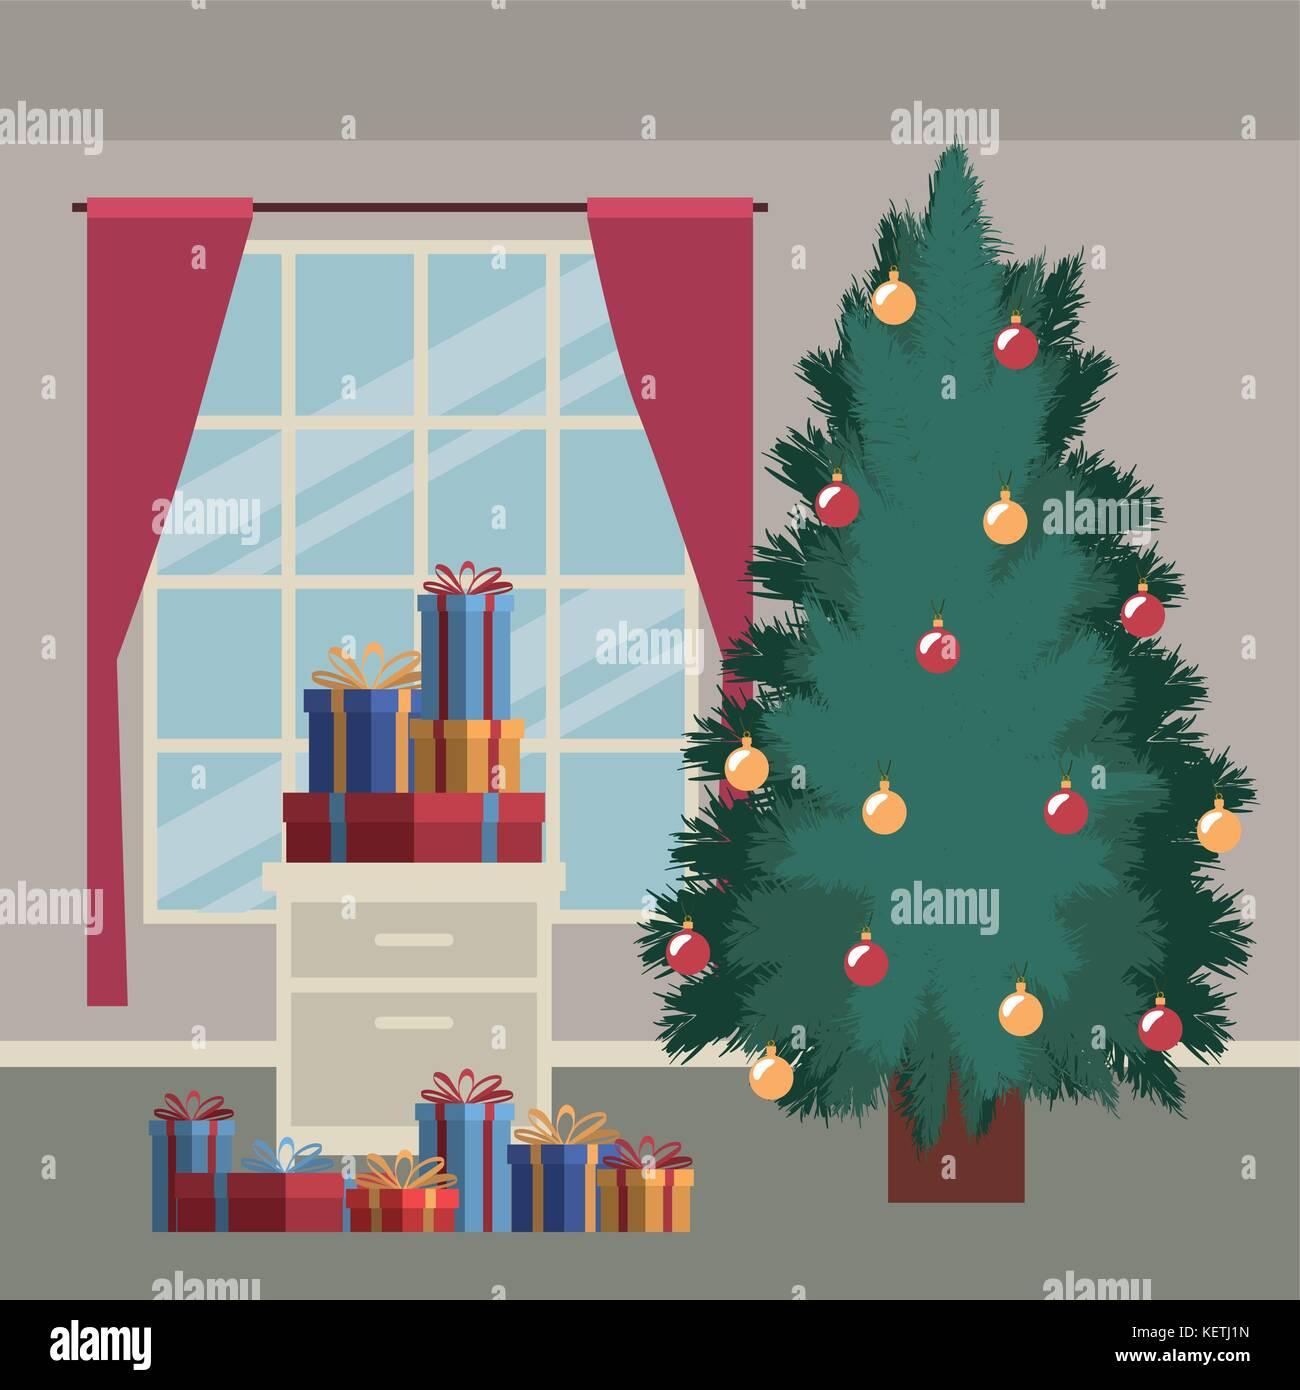 Weihnachten home Szene mit Fenster Hintergrund und grossen ...